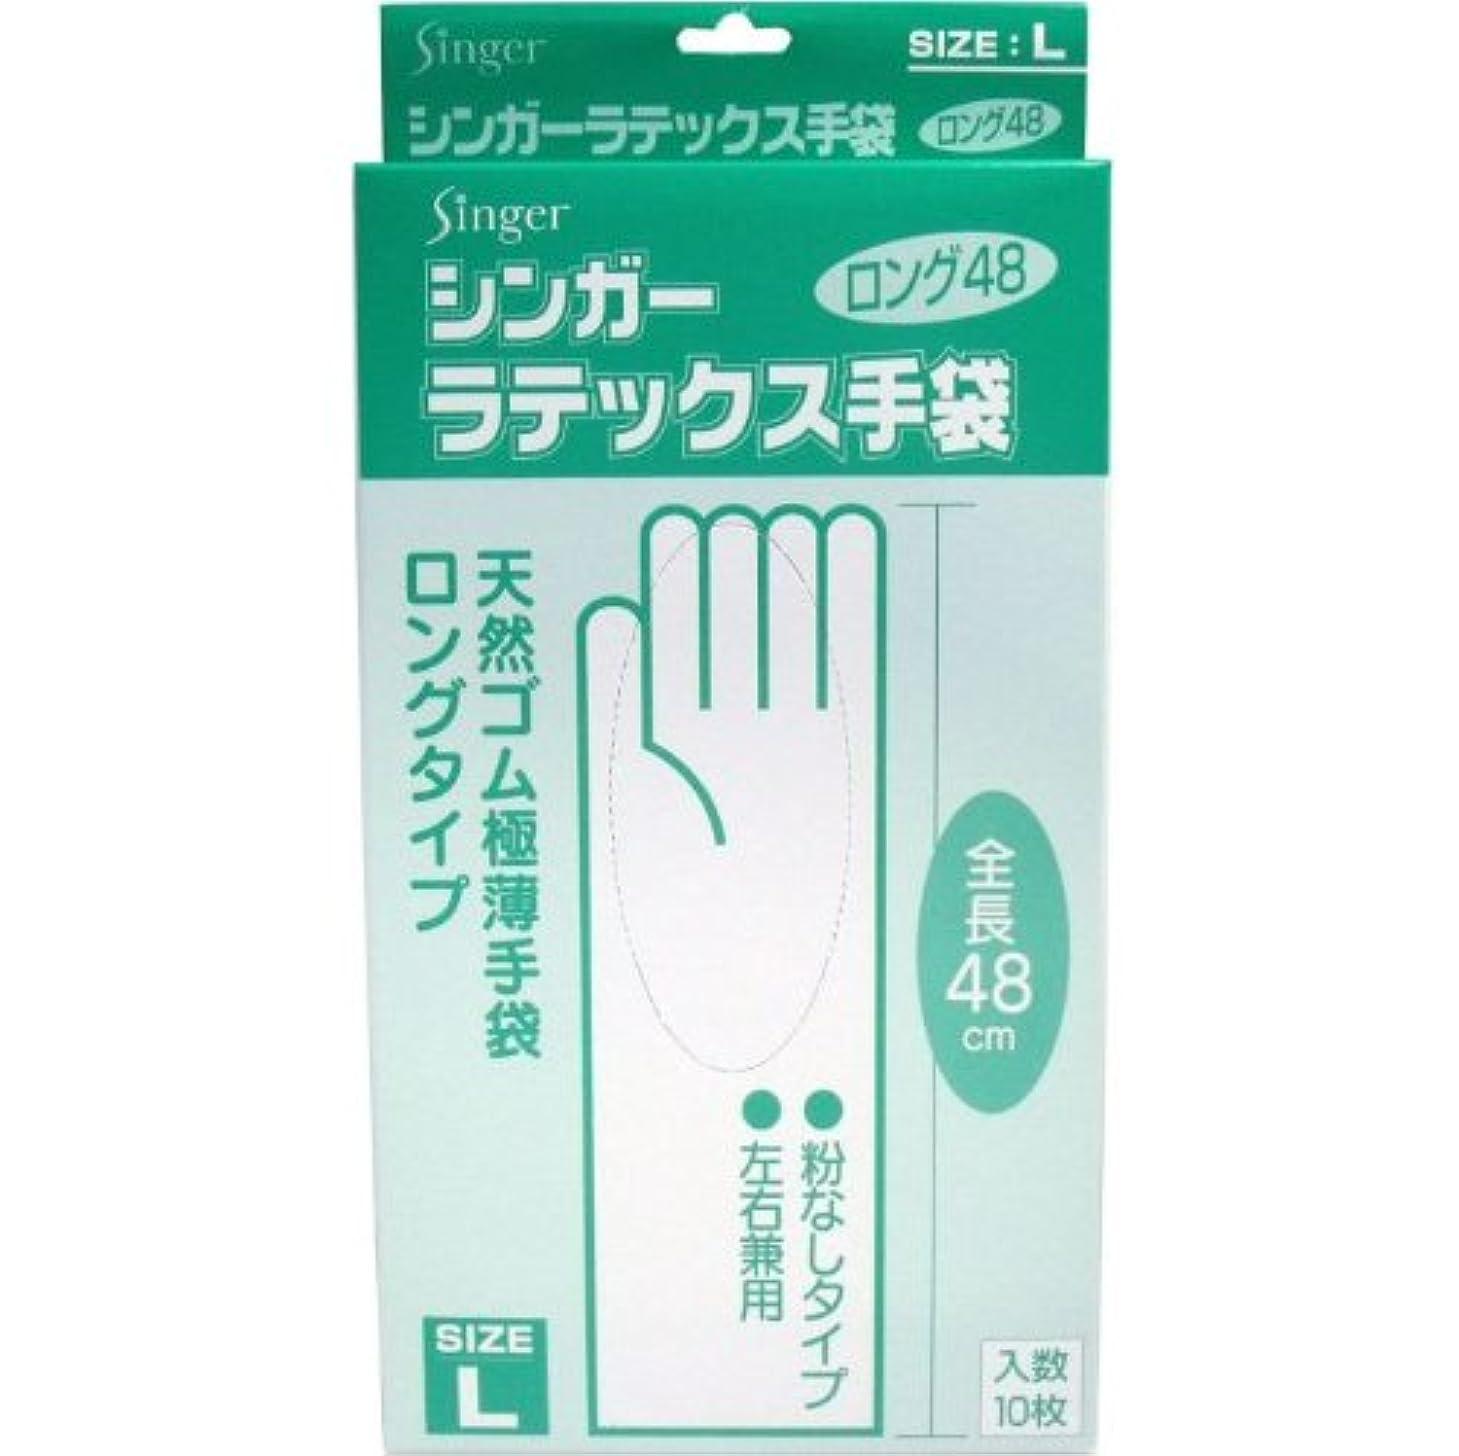 精神路面電車めんどり食品衛生法適合品 天然ゴム極薄手袋 ロングタイプ Lサイズ 10枚入 ラテックス手袋